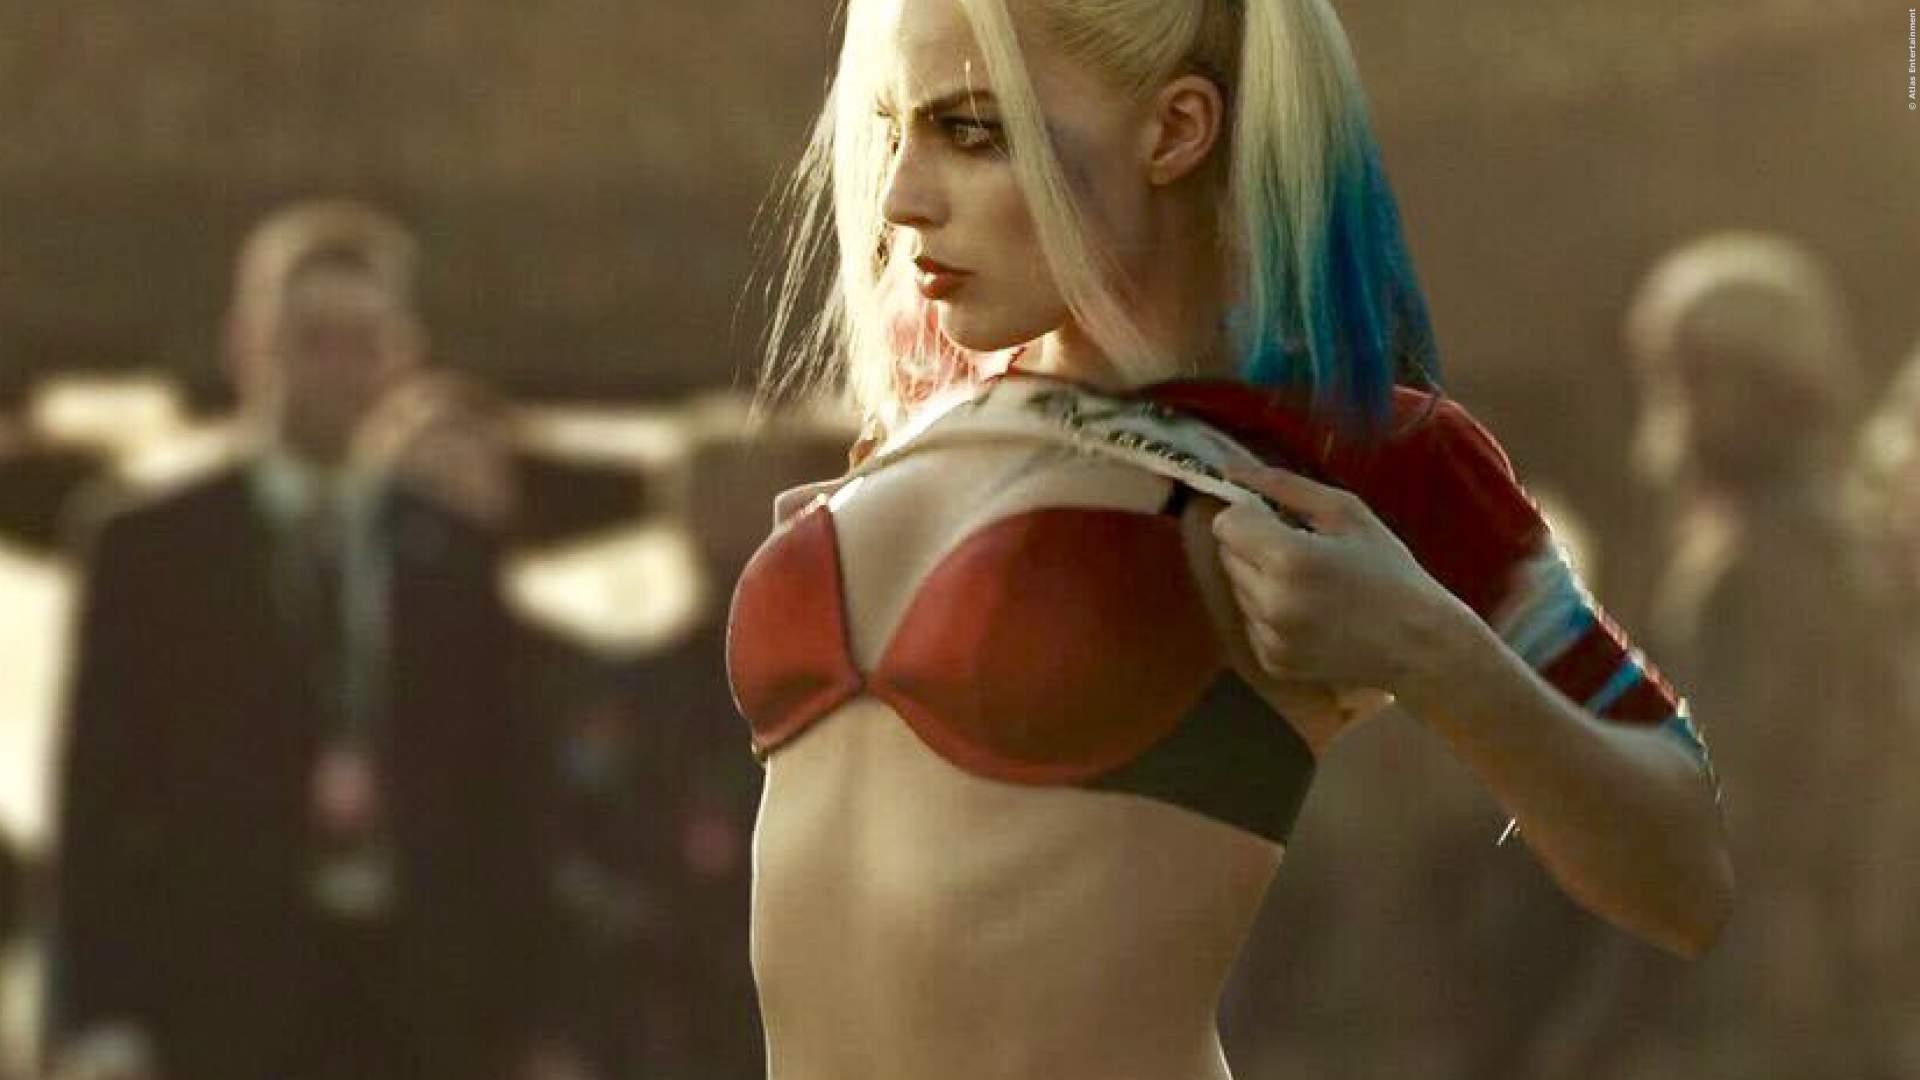 Margot Robbie aus Suicide Squad - Bild 1 von 14